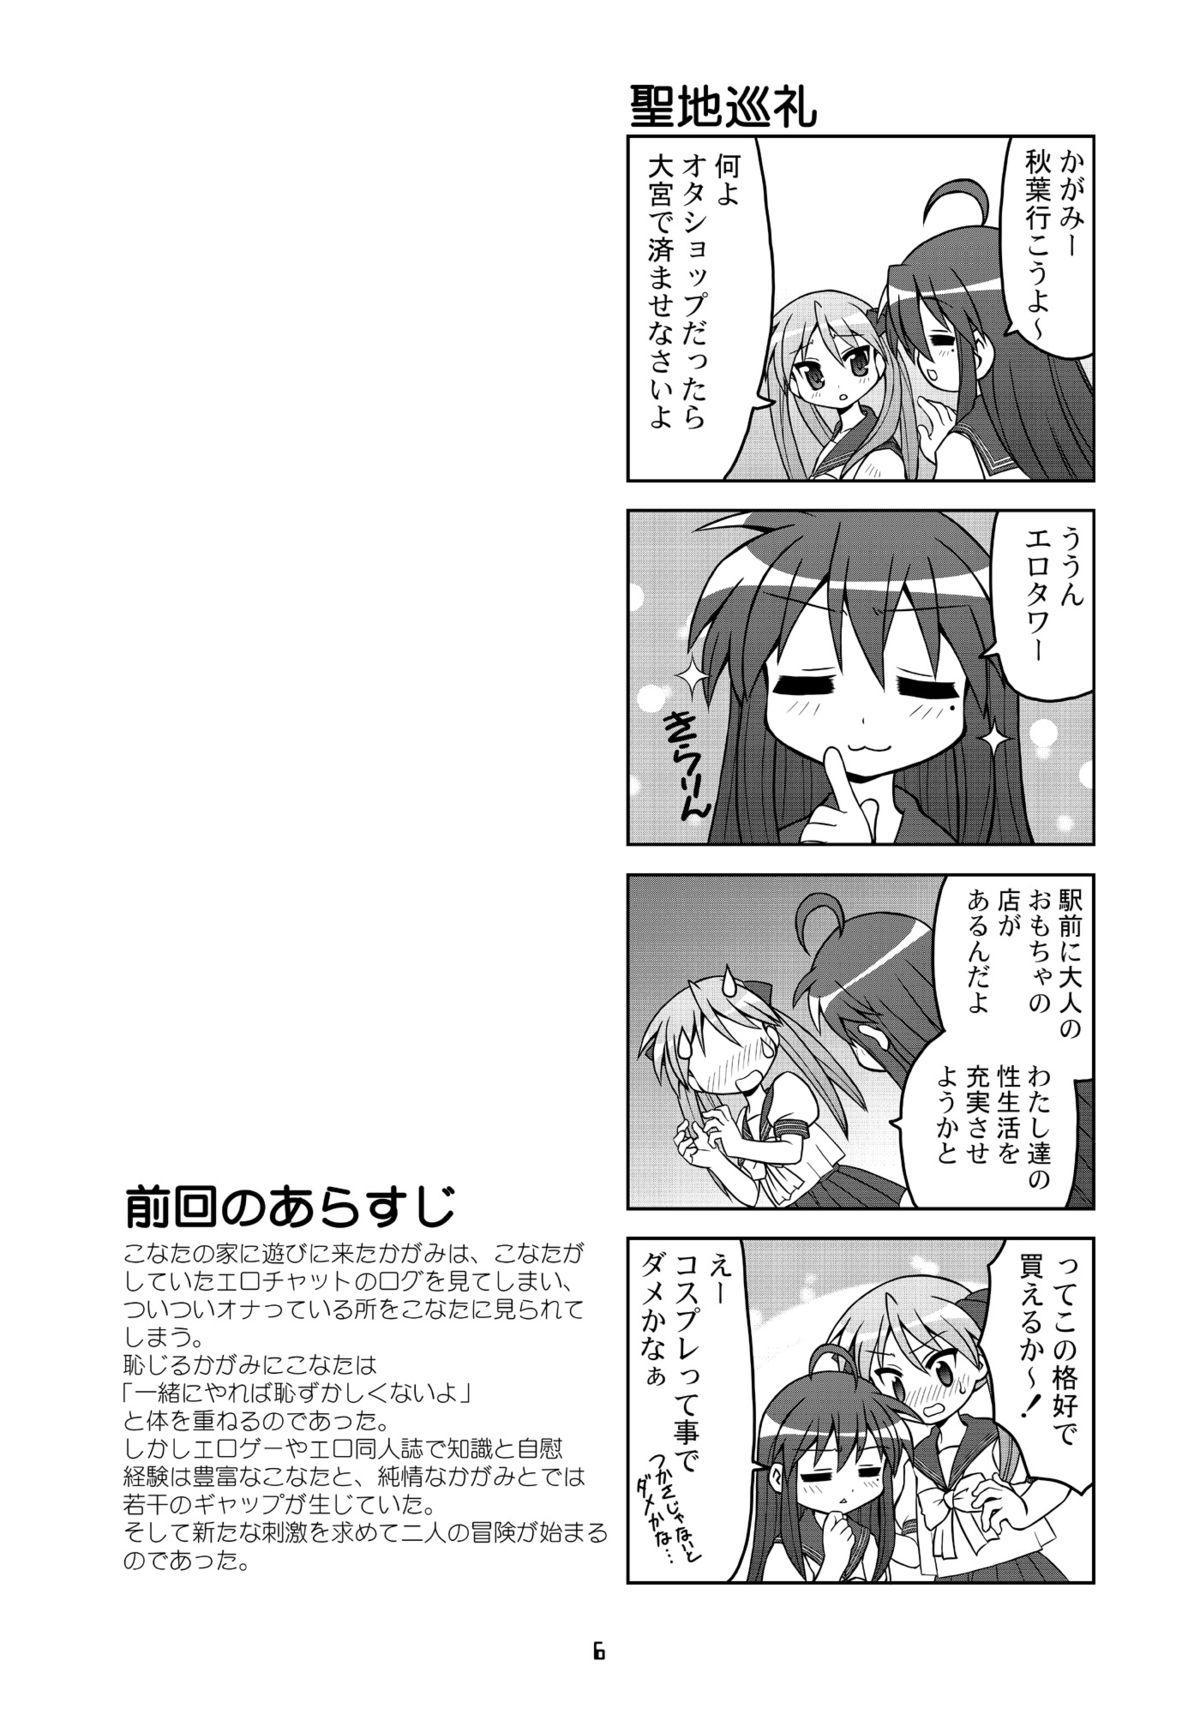 Sailor Fuku Kyawaii Doumei 2 4